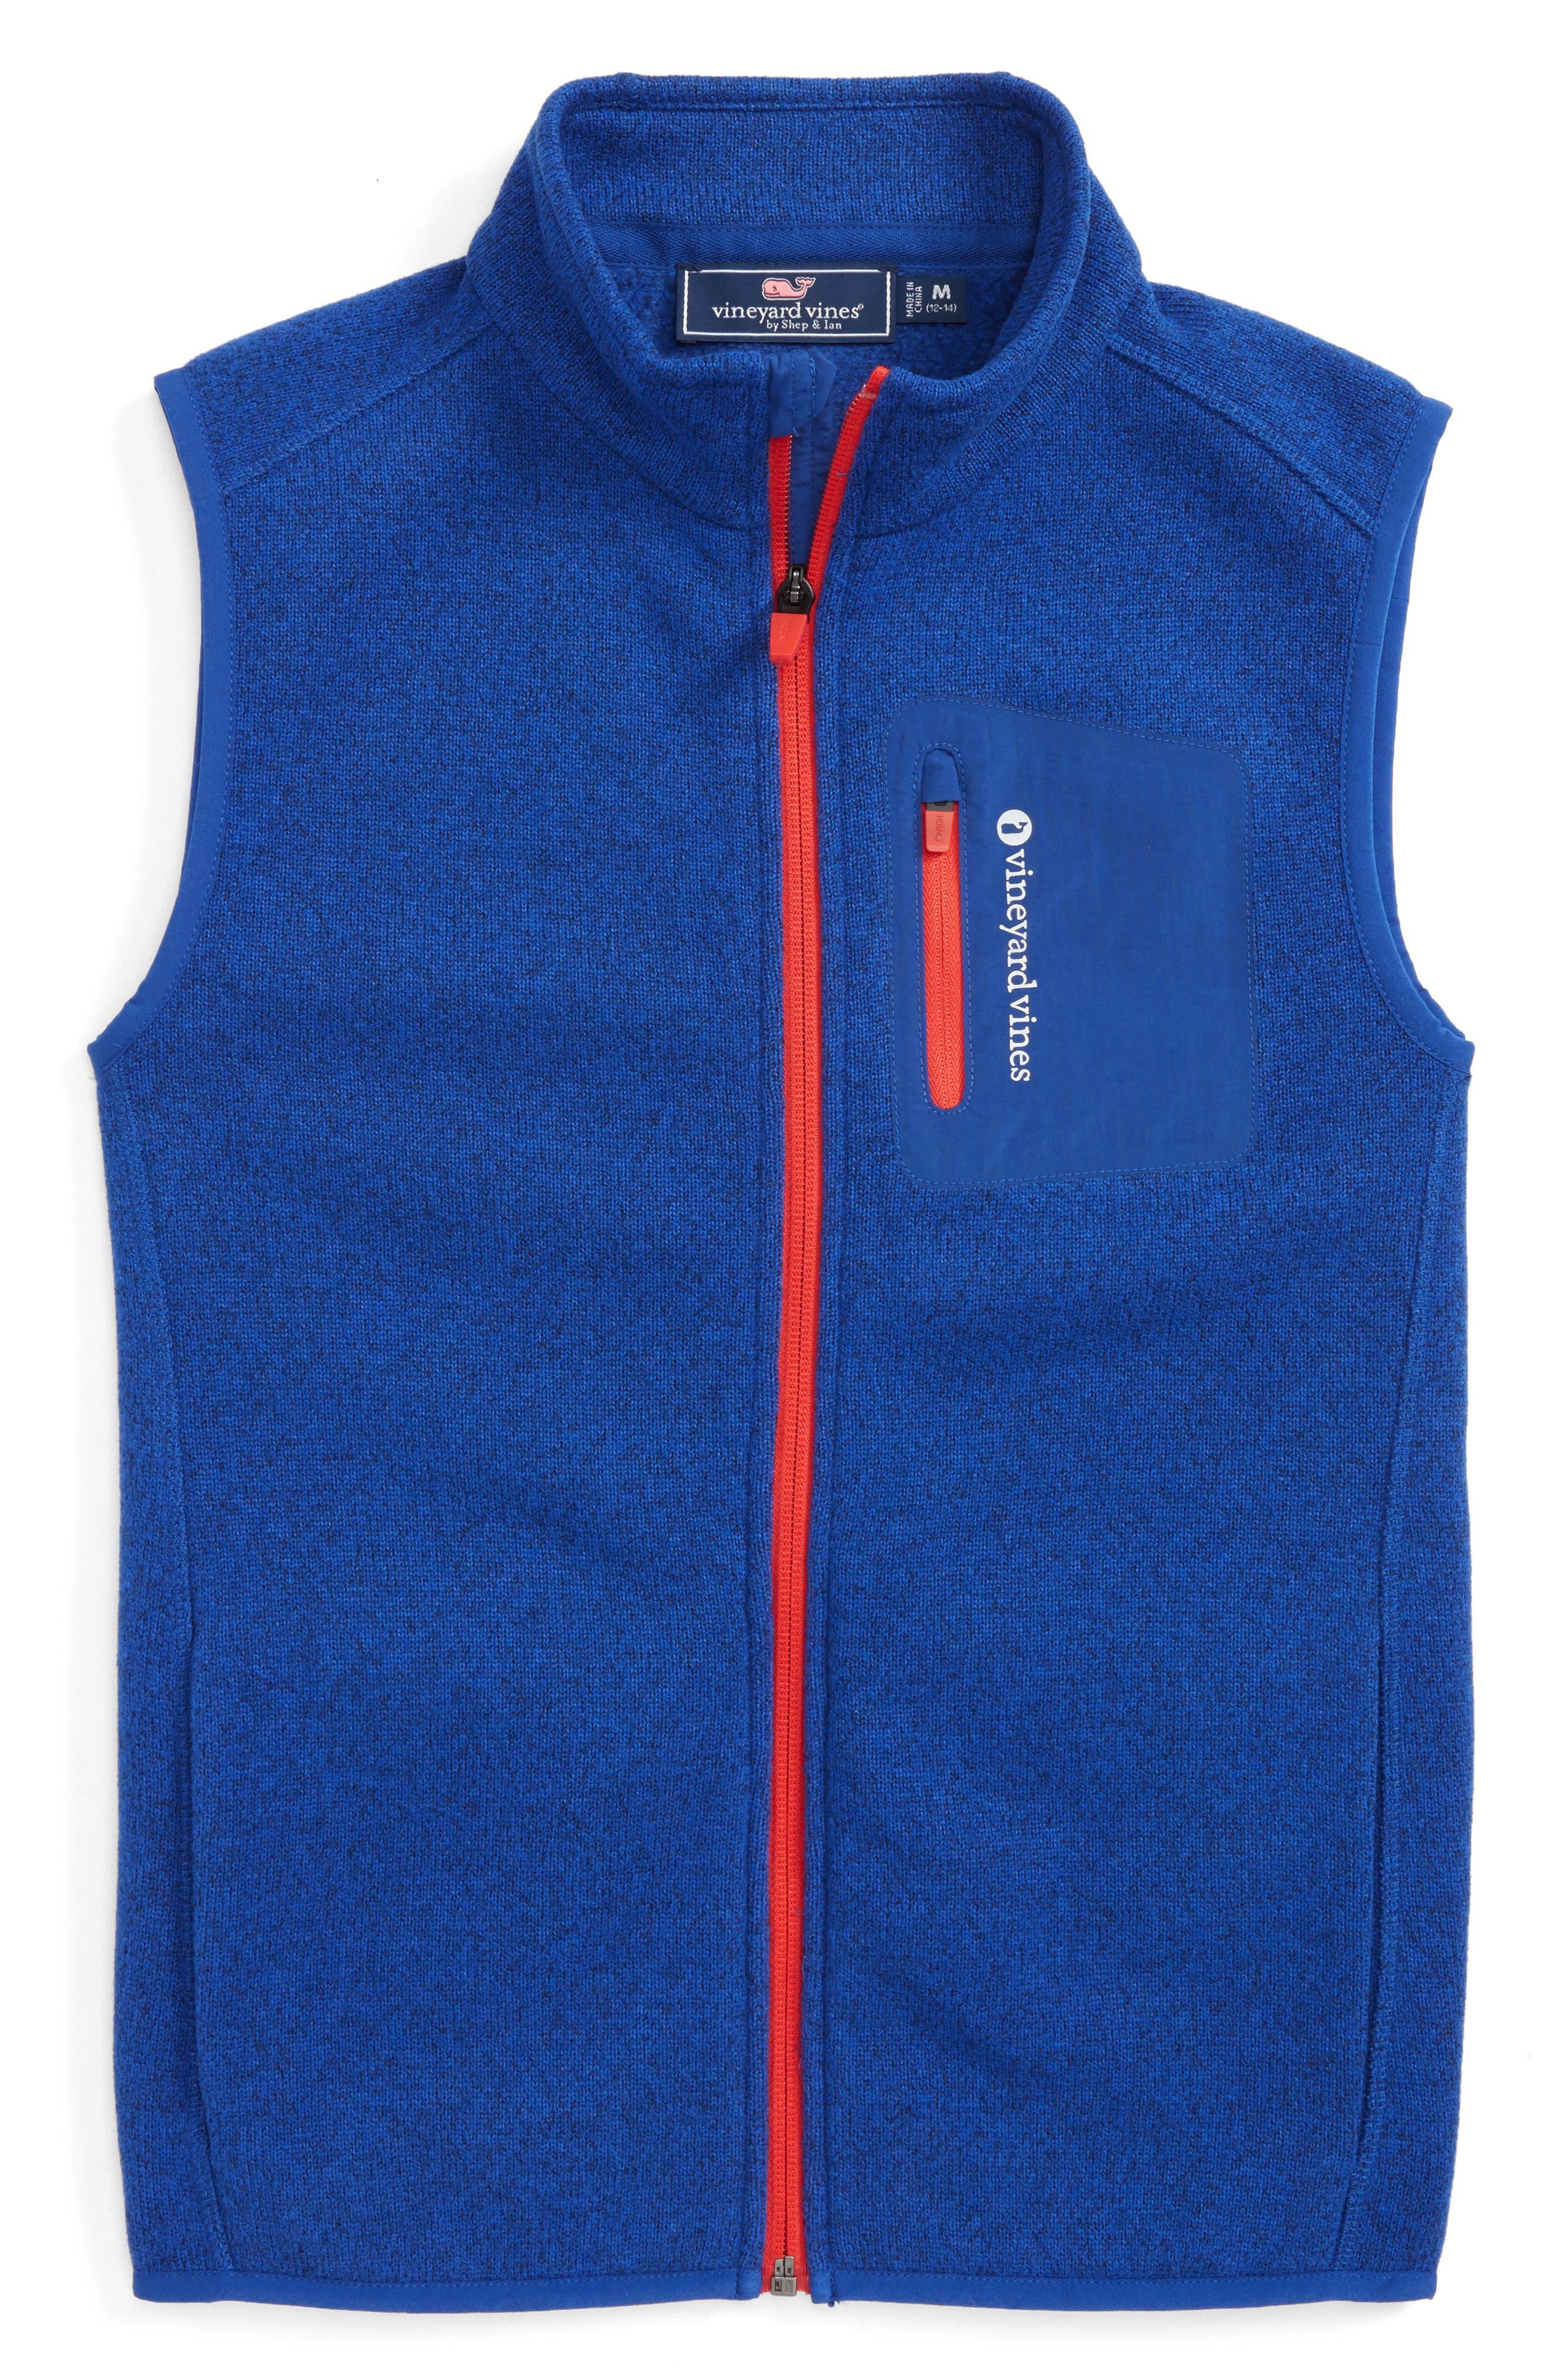 Sweater Vest,                             Main thumbnail 1, color,                             Blue Bay